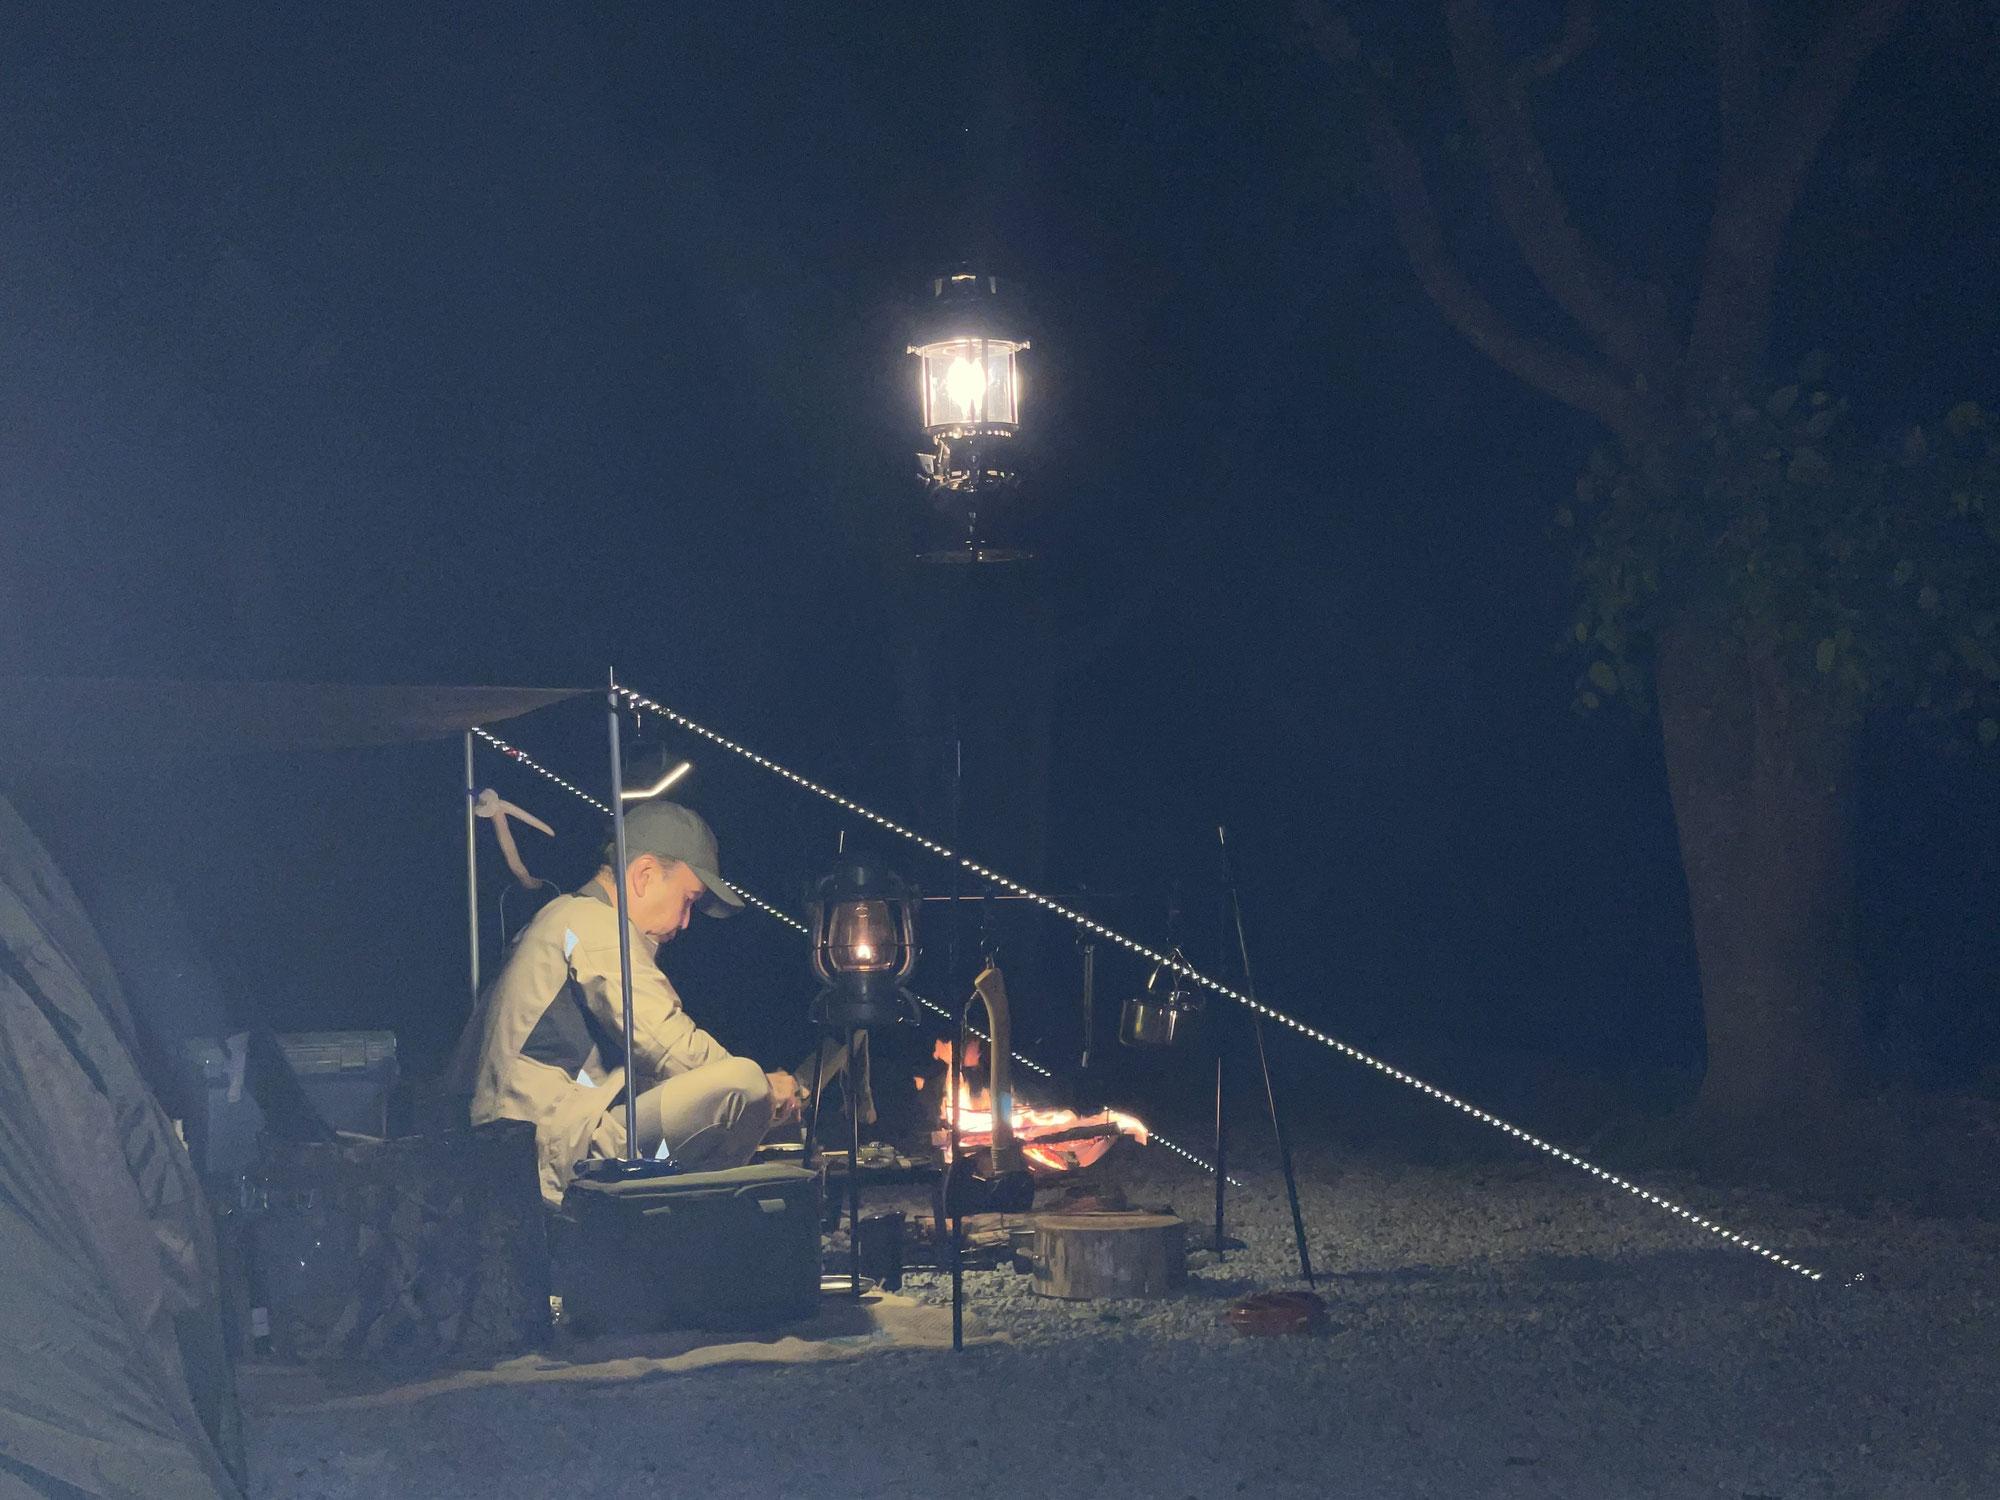 お客様とソロキャンプ-山梨のアウトドアショップCARNOSA CAMP-